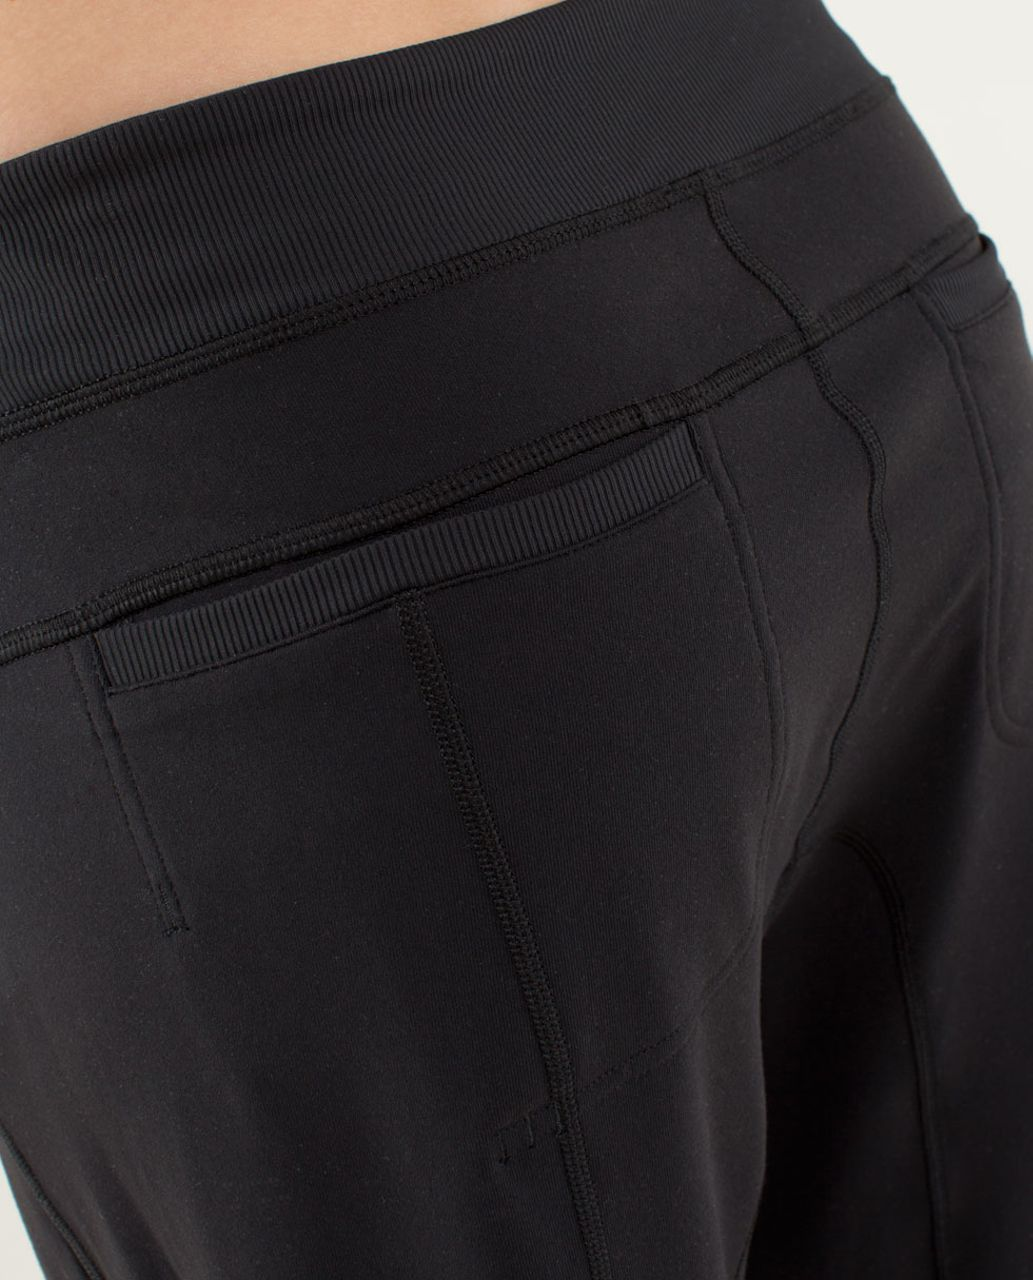 Lululemon Take Me Om Pant - Black